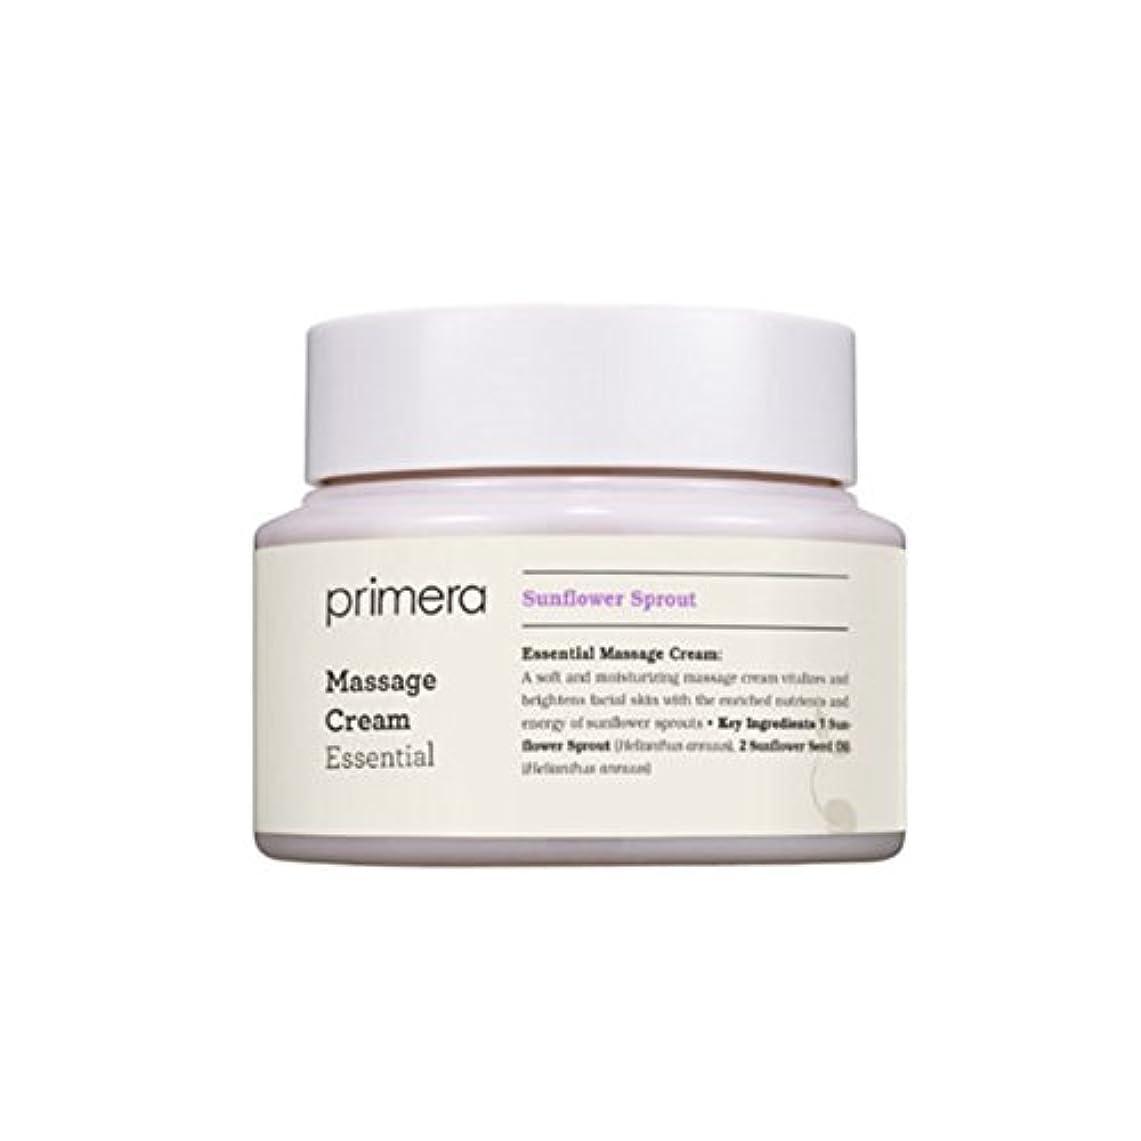 メンテナンスどっちでも受取人(プリメーラ) PRIMERA エッセンシャルマッサージ クリーム Essential Massage Cream (韓国直発送) oopspanda